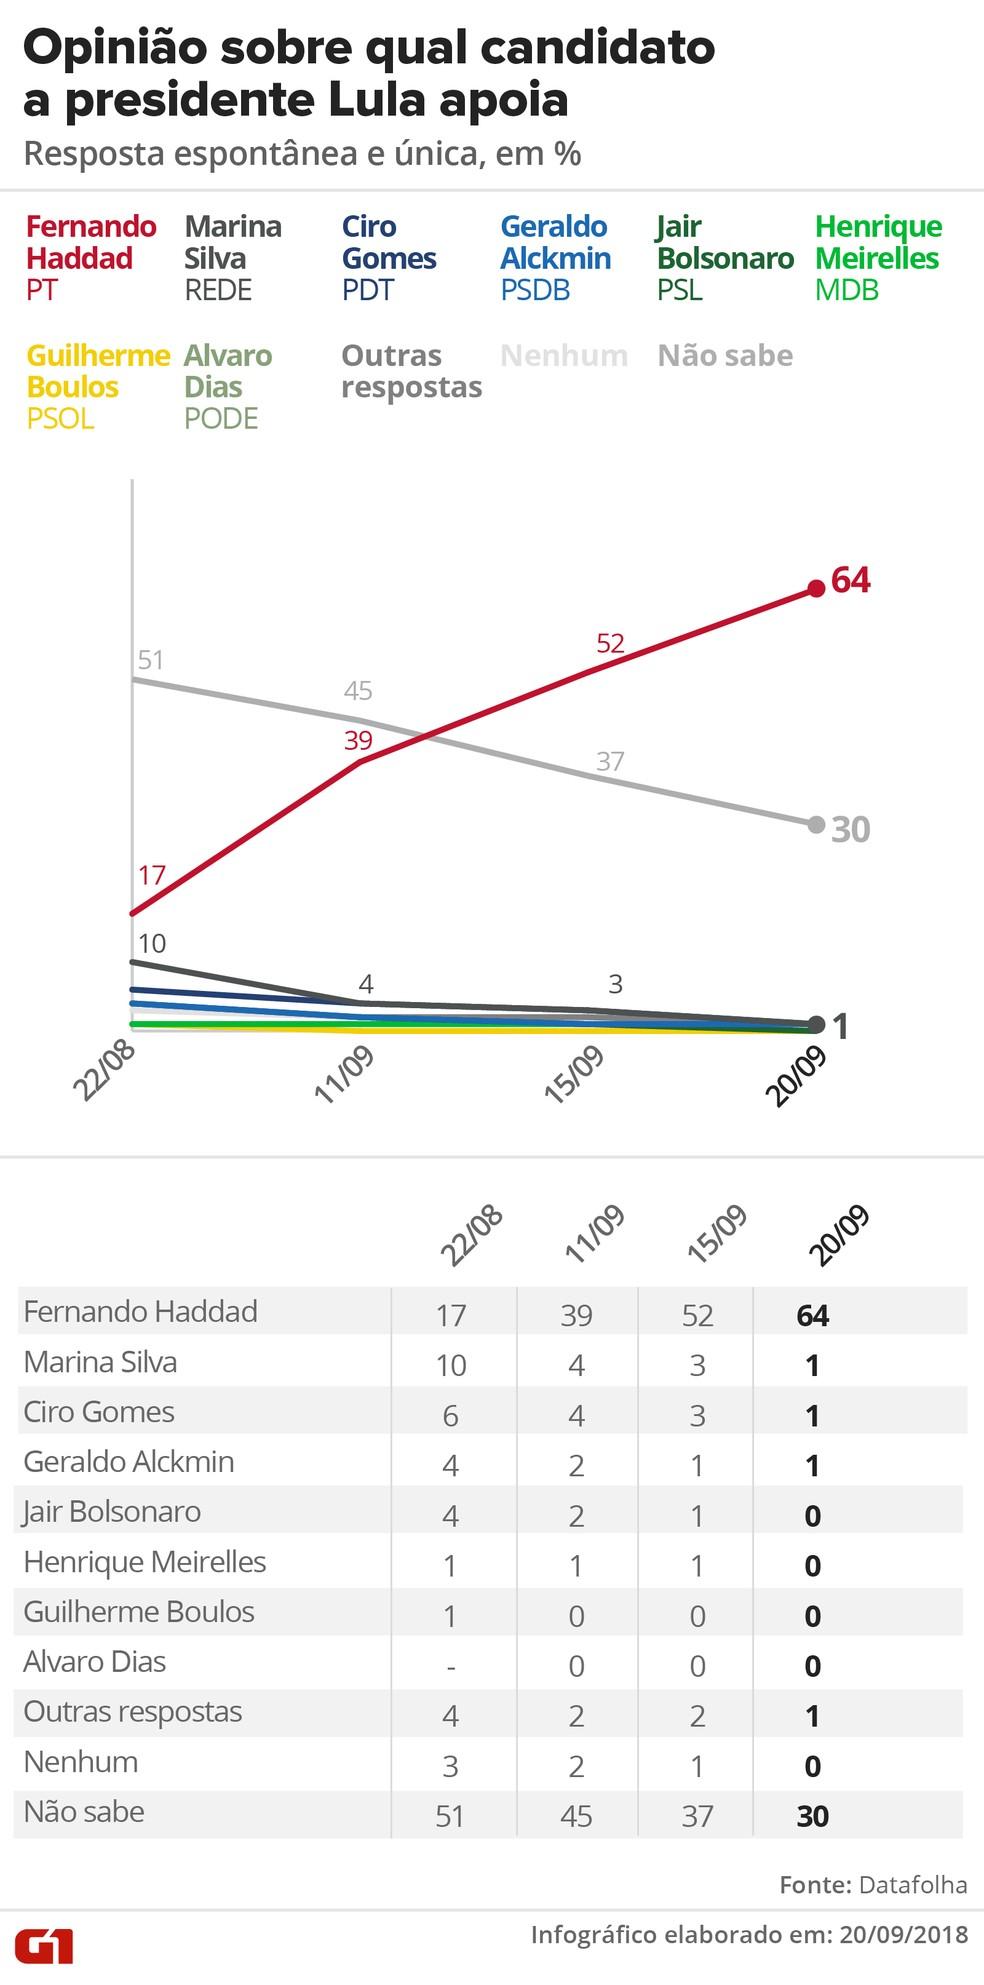 Pesquisa Datafolha 20/09: Opinião sobre qual candidato o ex-presidente Lula apoia — Foto: Alexandre Mauro/G1